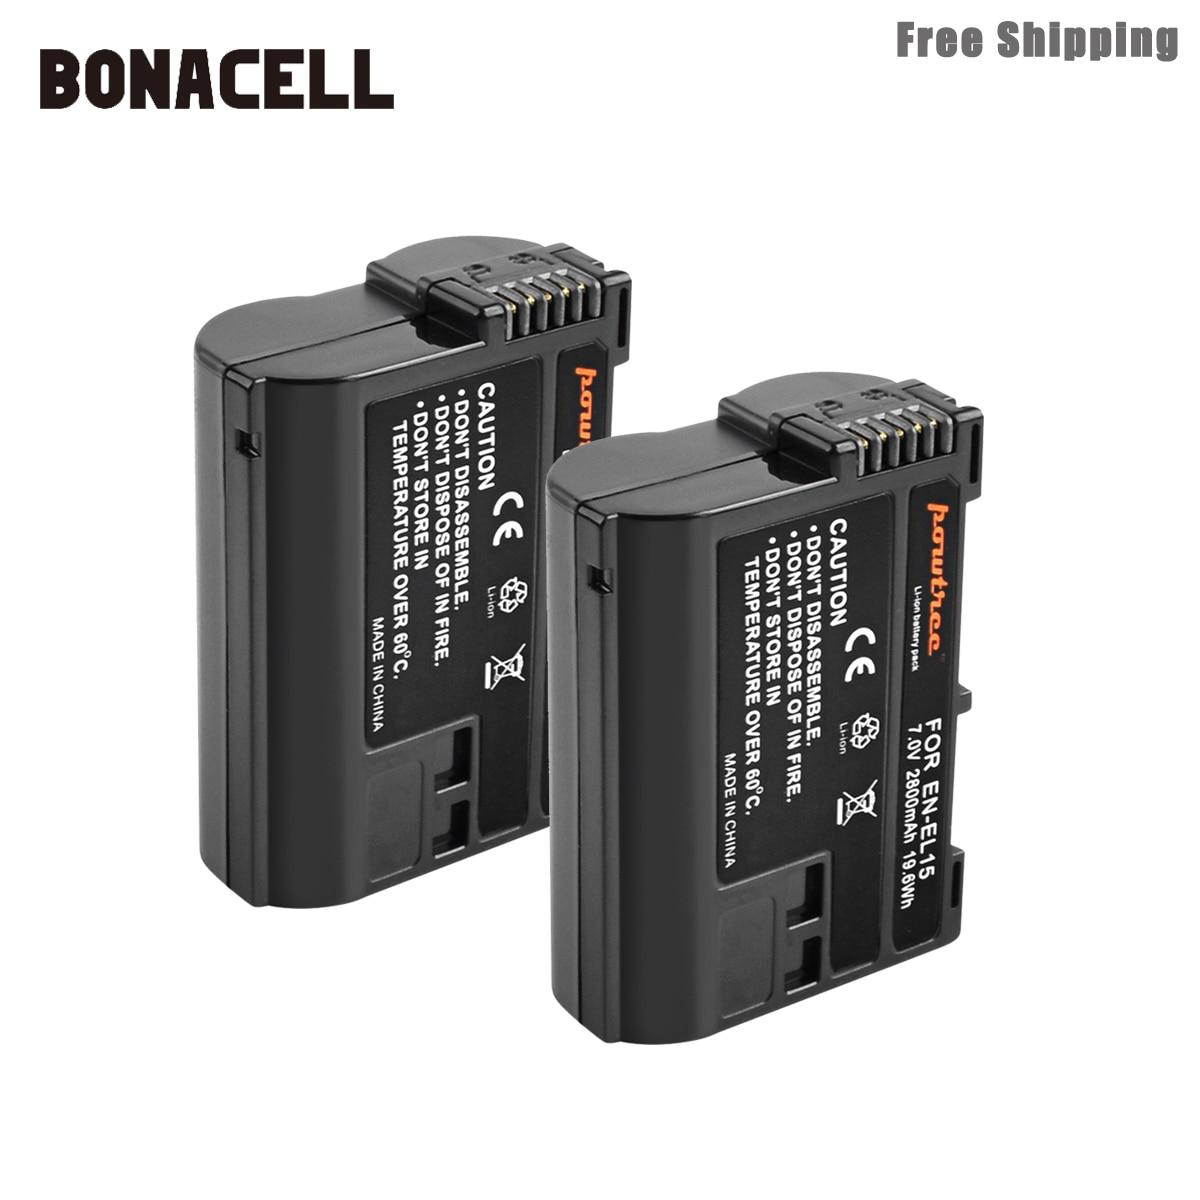 Bonacell 2800mAh EN-EL15 ENEL15 EN EL15 Batterie Pour Appareil Photo REFLEX NUMÉRIQUE Nikon D600 D610 D800 D800E D810 D7000 D7100 D7200 L15